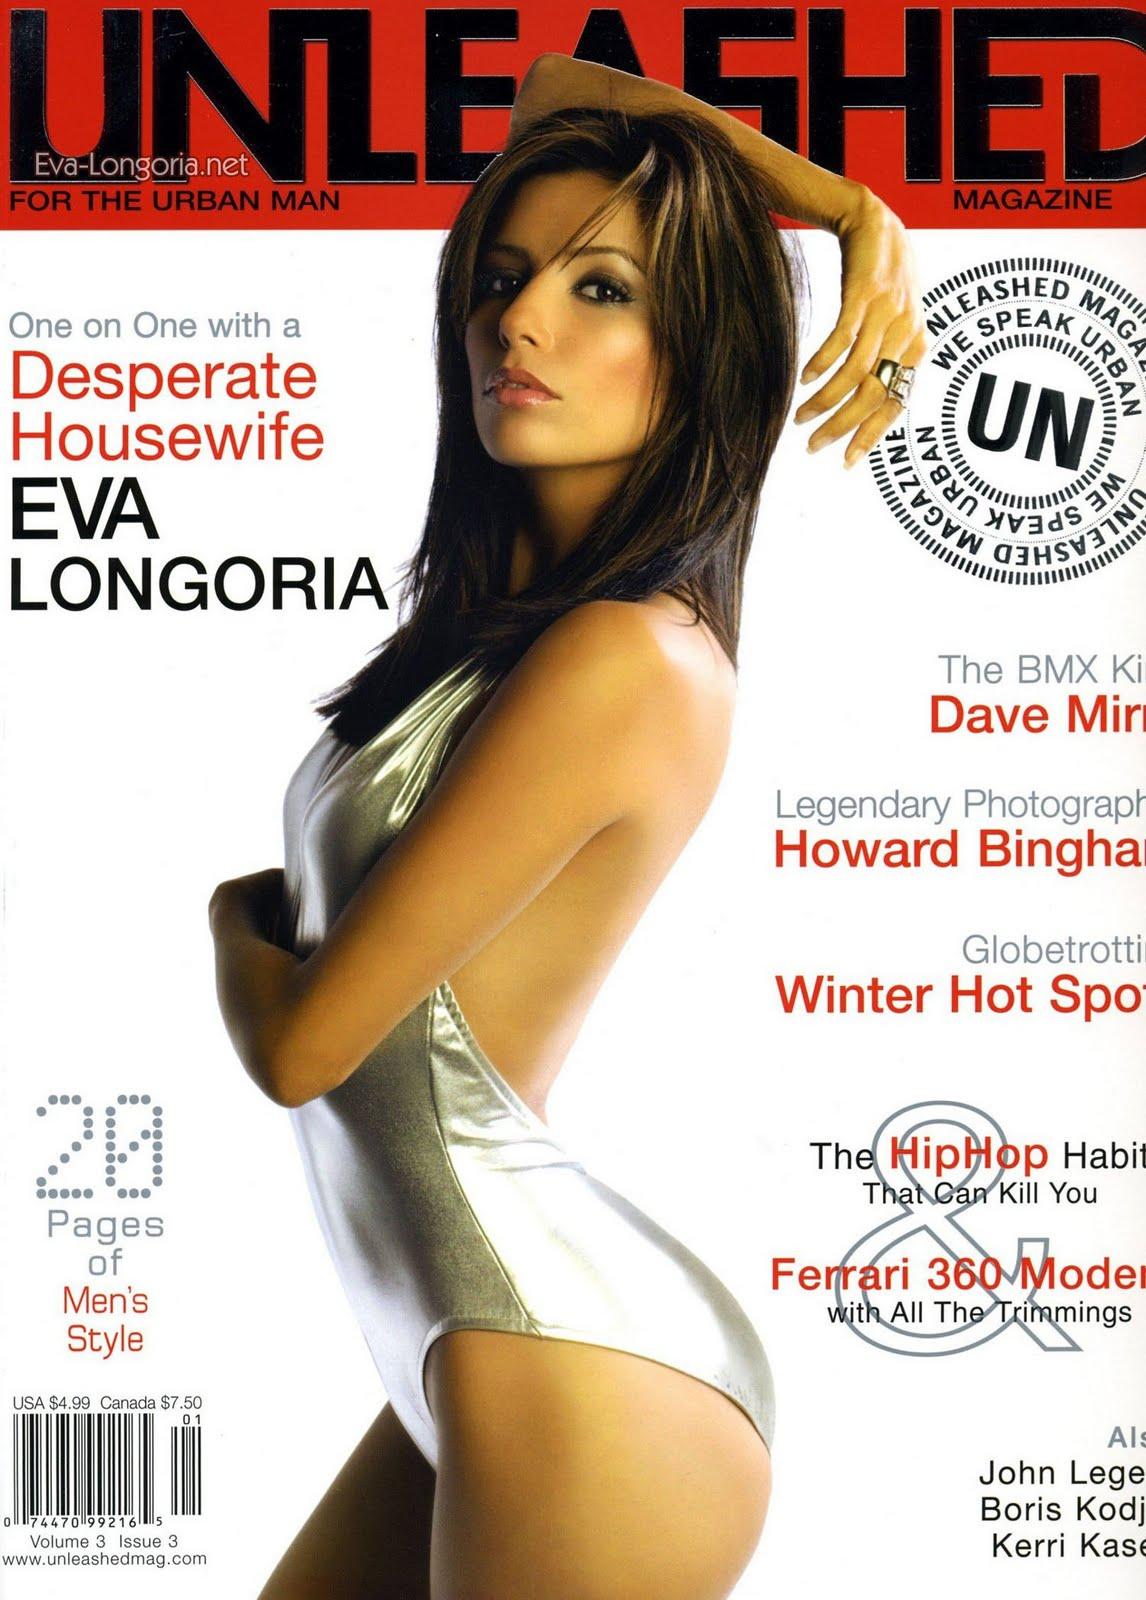 http://2.bp.blogspot.com/-pcXWK-8a52k/Ti5YnF5bjzI/AAAAAAAAALM/pJ4_zcSBxYg/s1600/Photo_Eva_Longoria_076.jpg